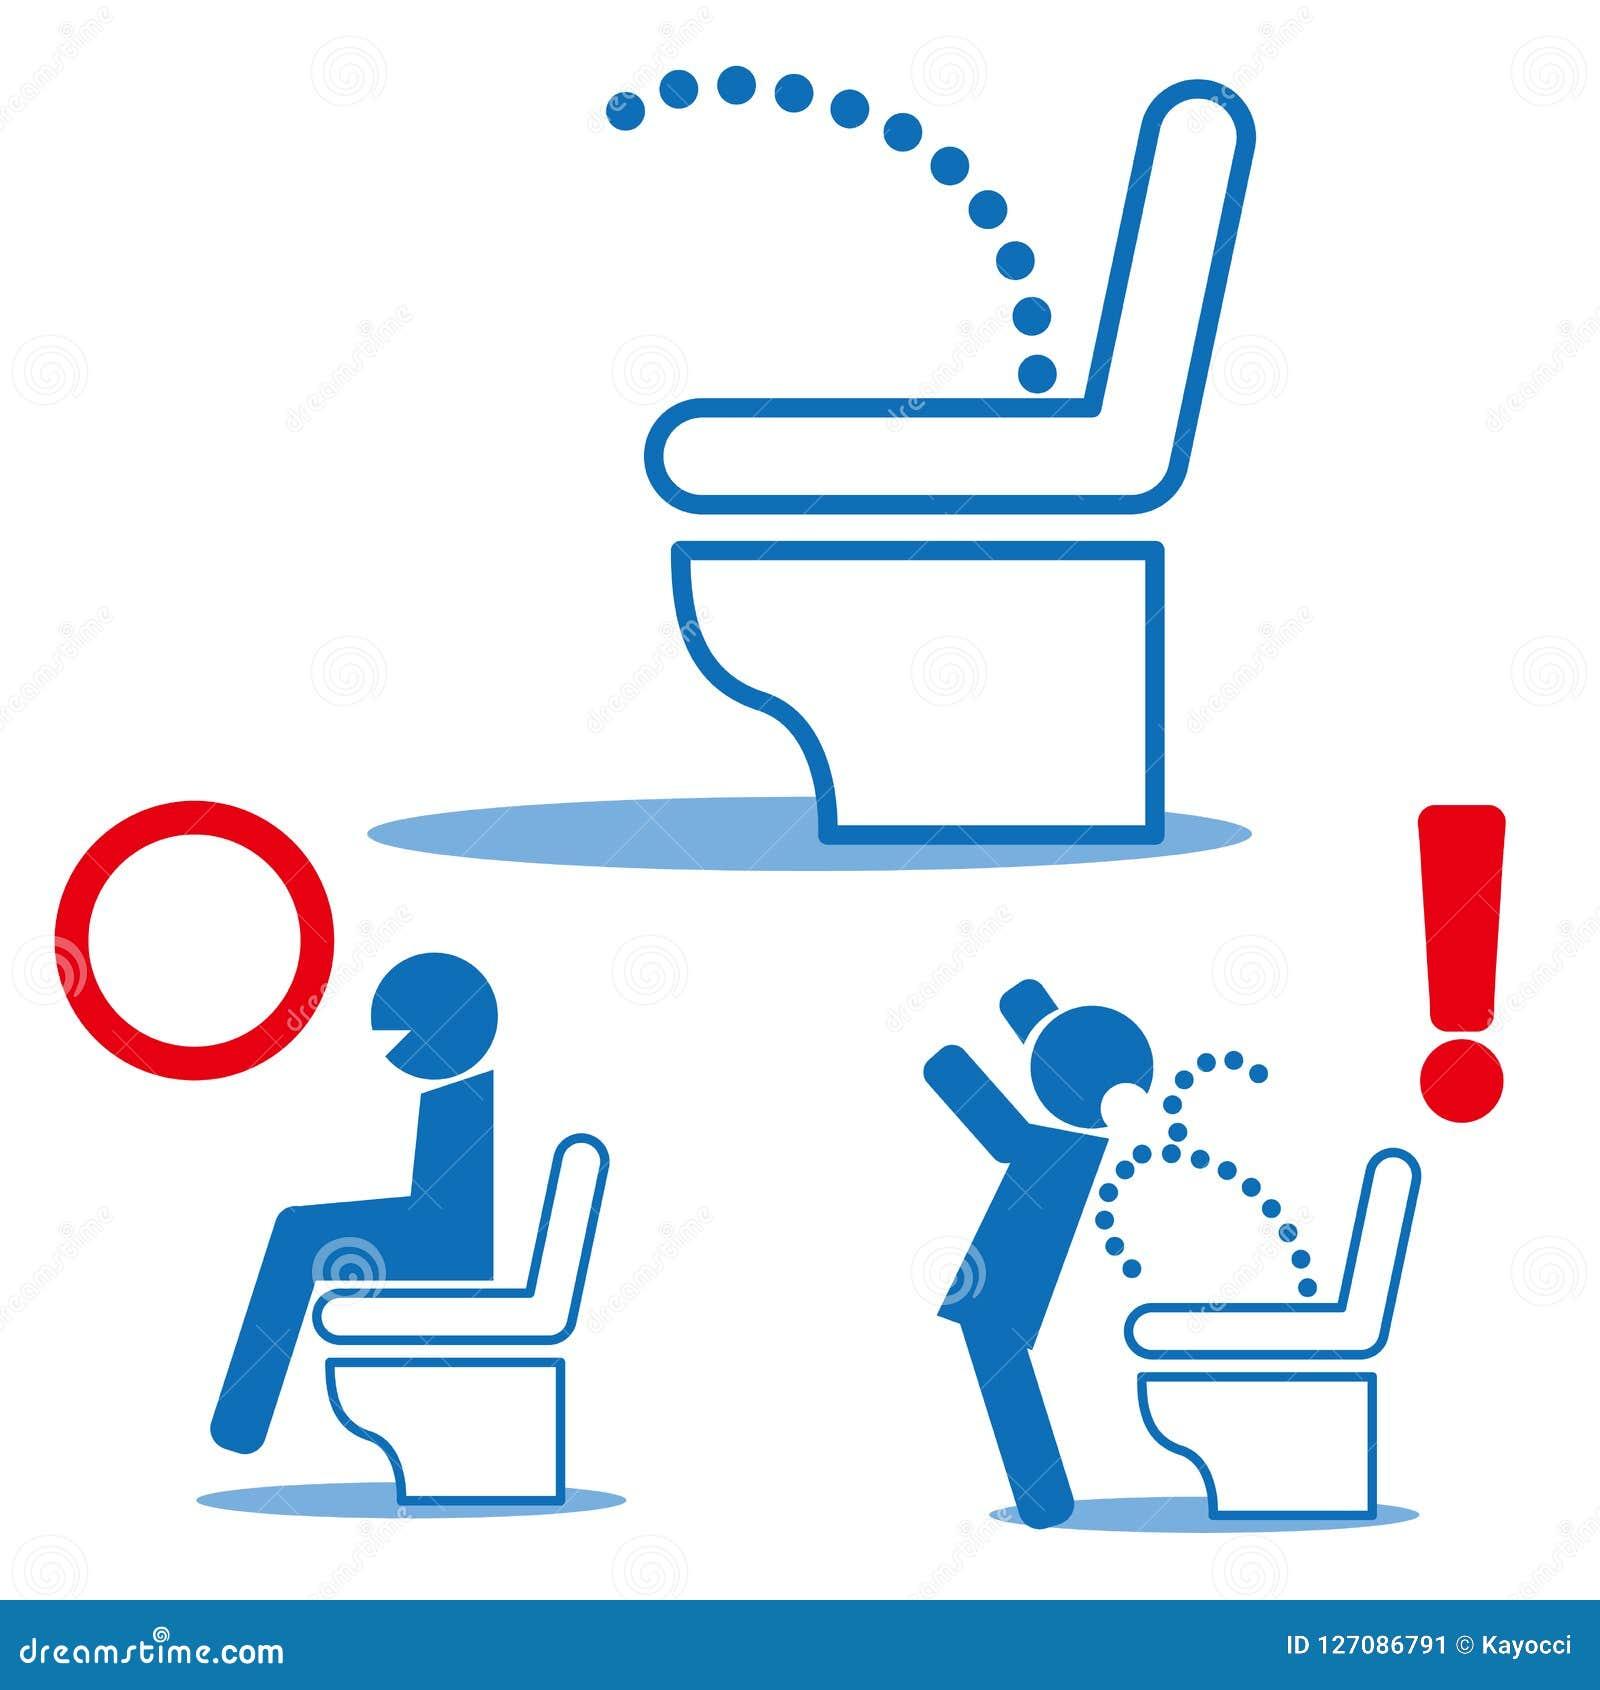 Ηλεκτρονική τουαλέτα - τουαλέτα μπιντέδων - τουαλέτα υψηλής τεχνολογίας